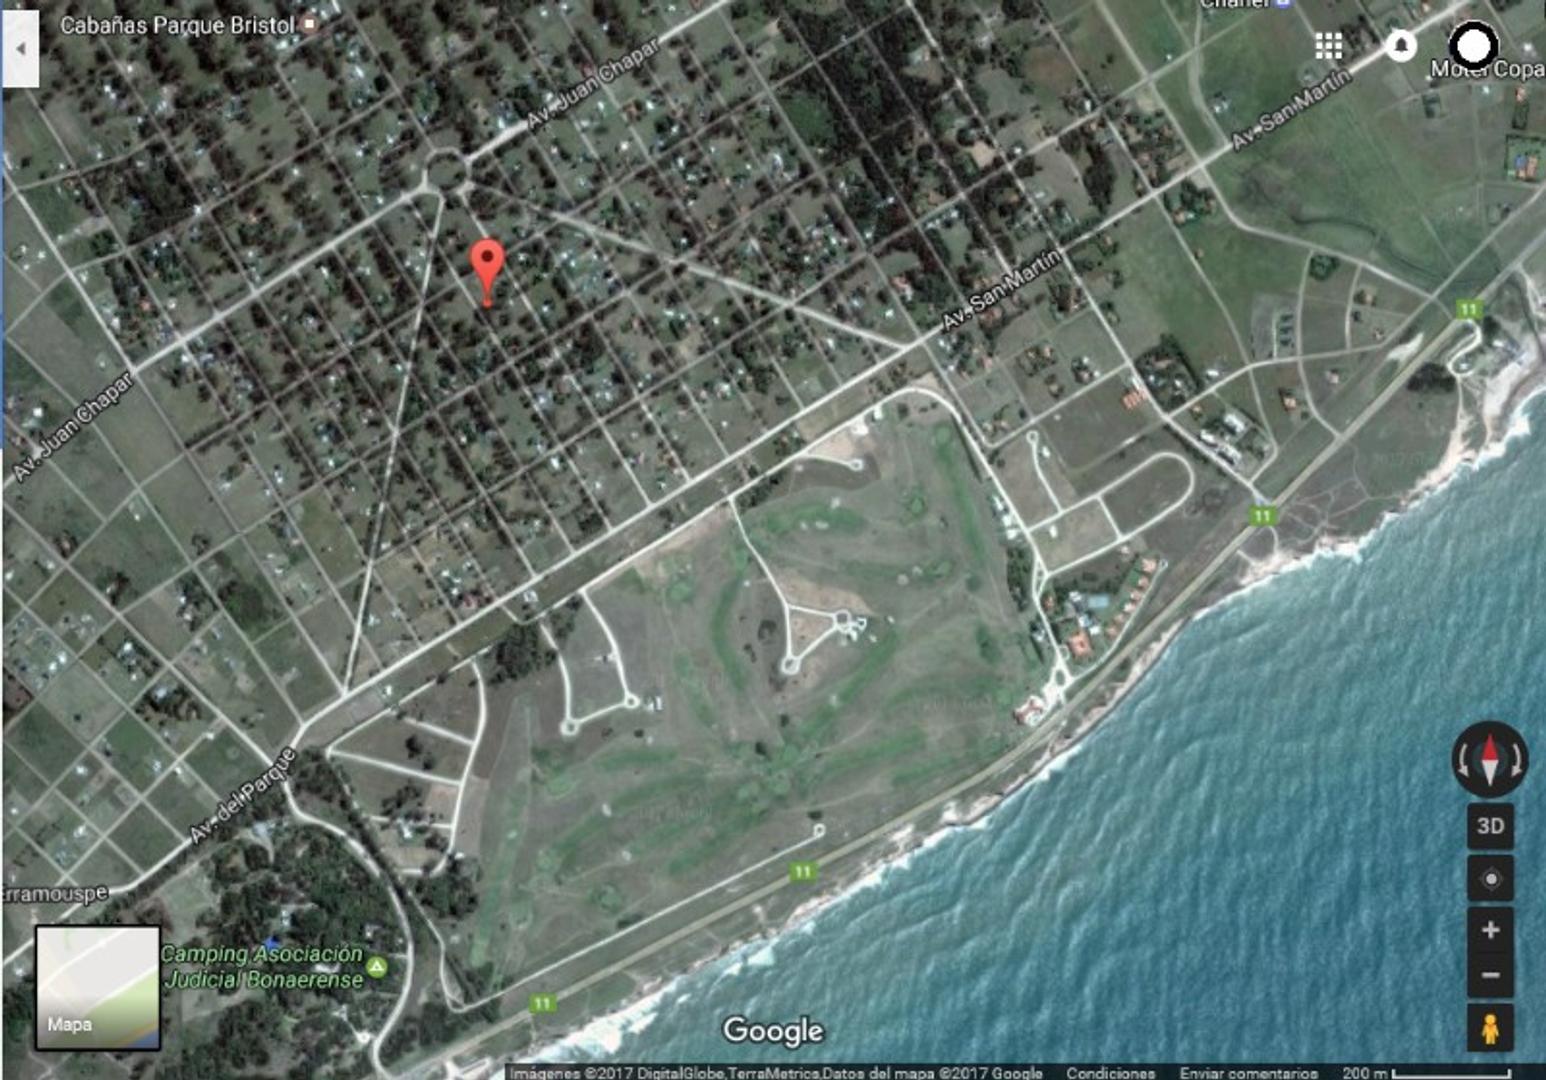 Excelente Lote Terreno en Balneario Parque Bristol, ampliac. Miramar, Gral. Alvarado. A mts de Playa